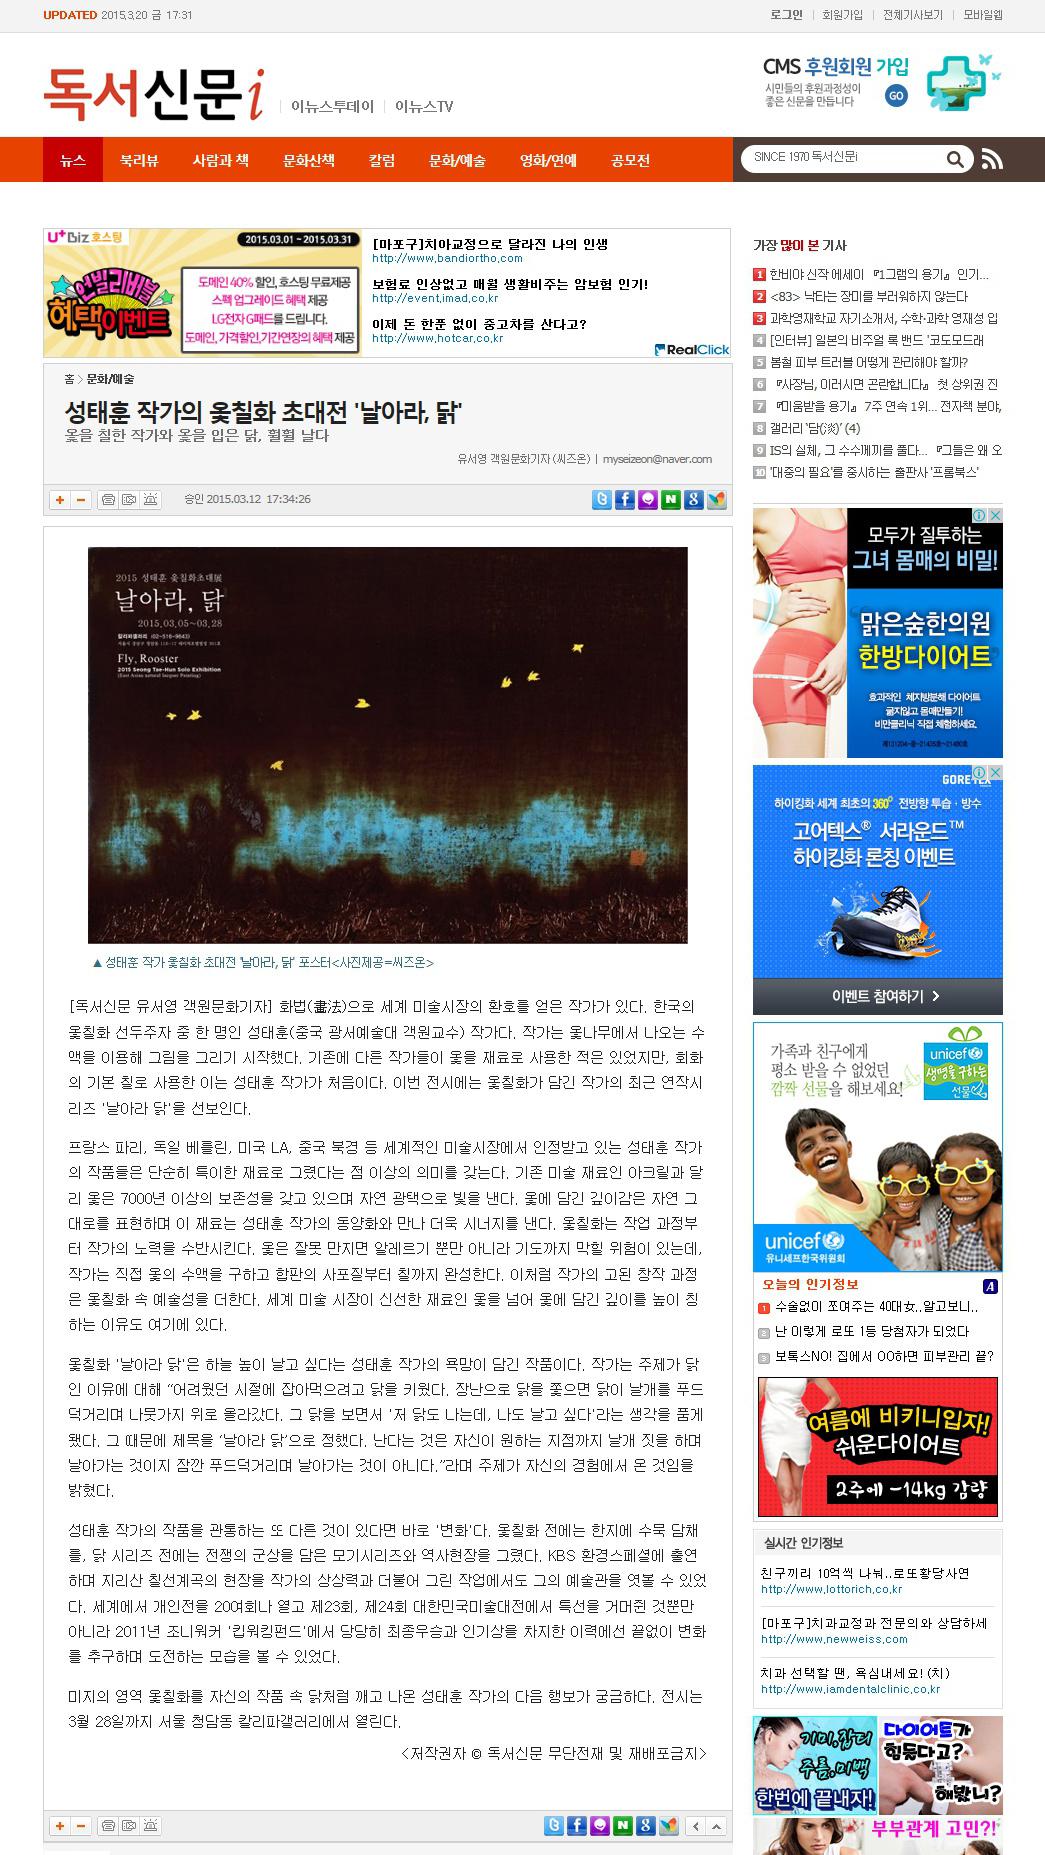 독서신문 1 - 2015.03.12.jpg